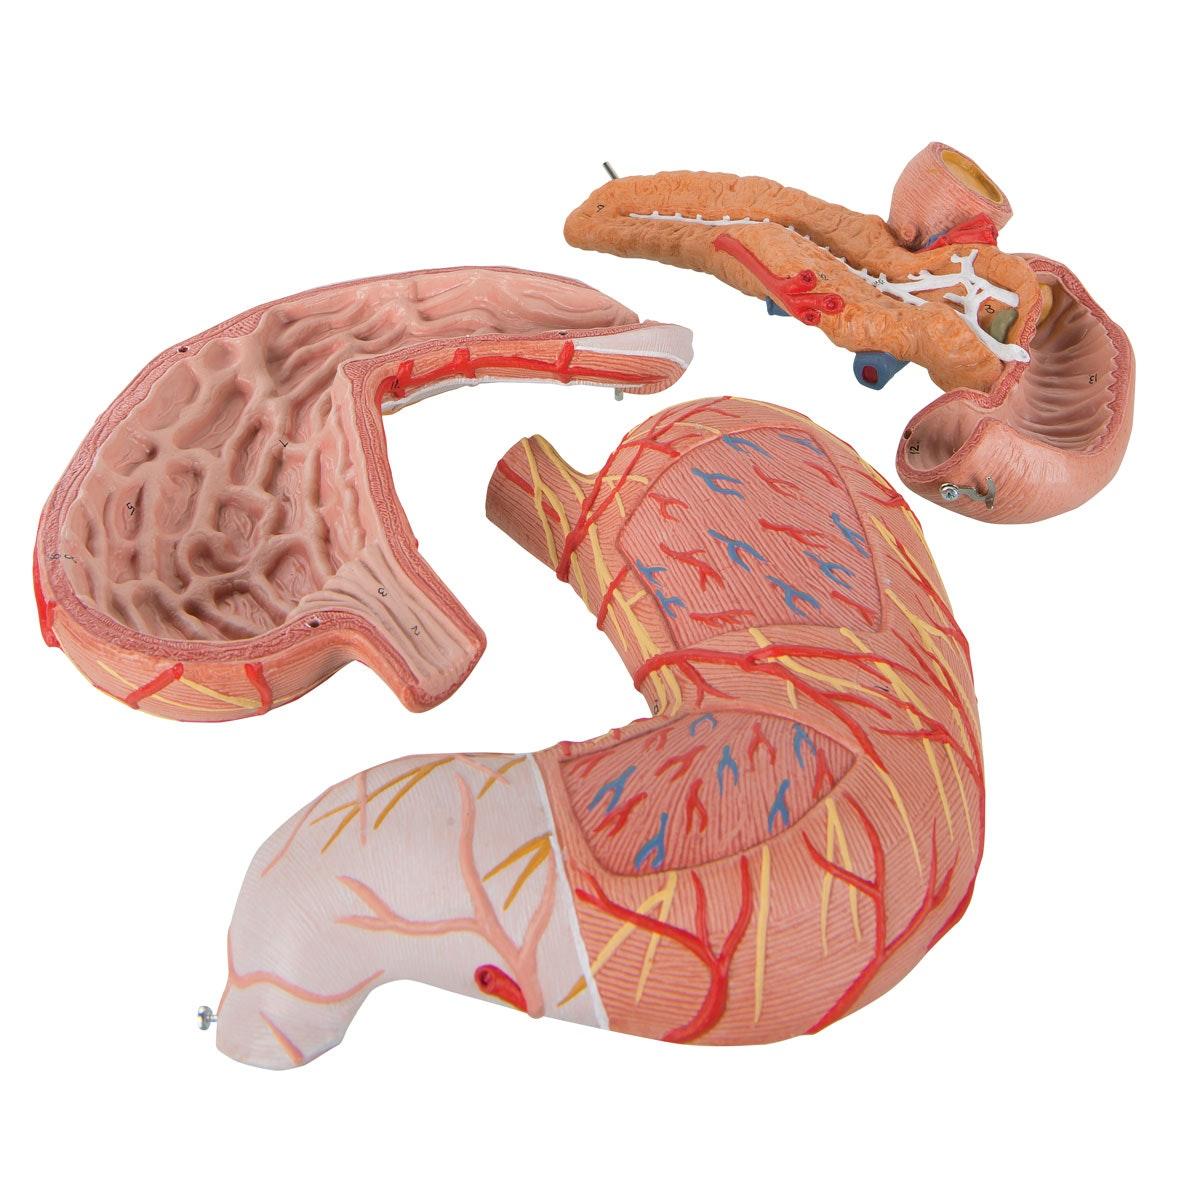 Detaljeret model af mavesækken, tolvfingertarmen og bugspytkirtlen